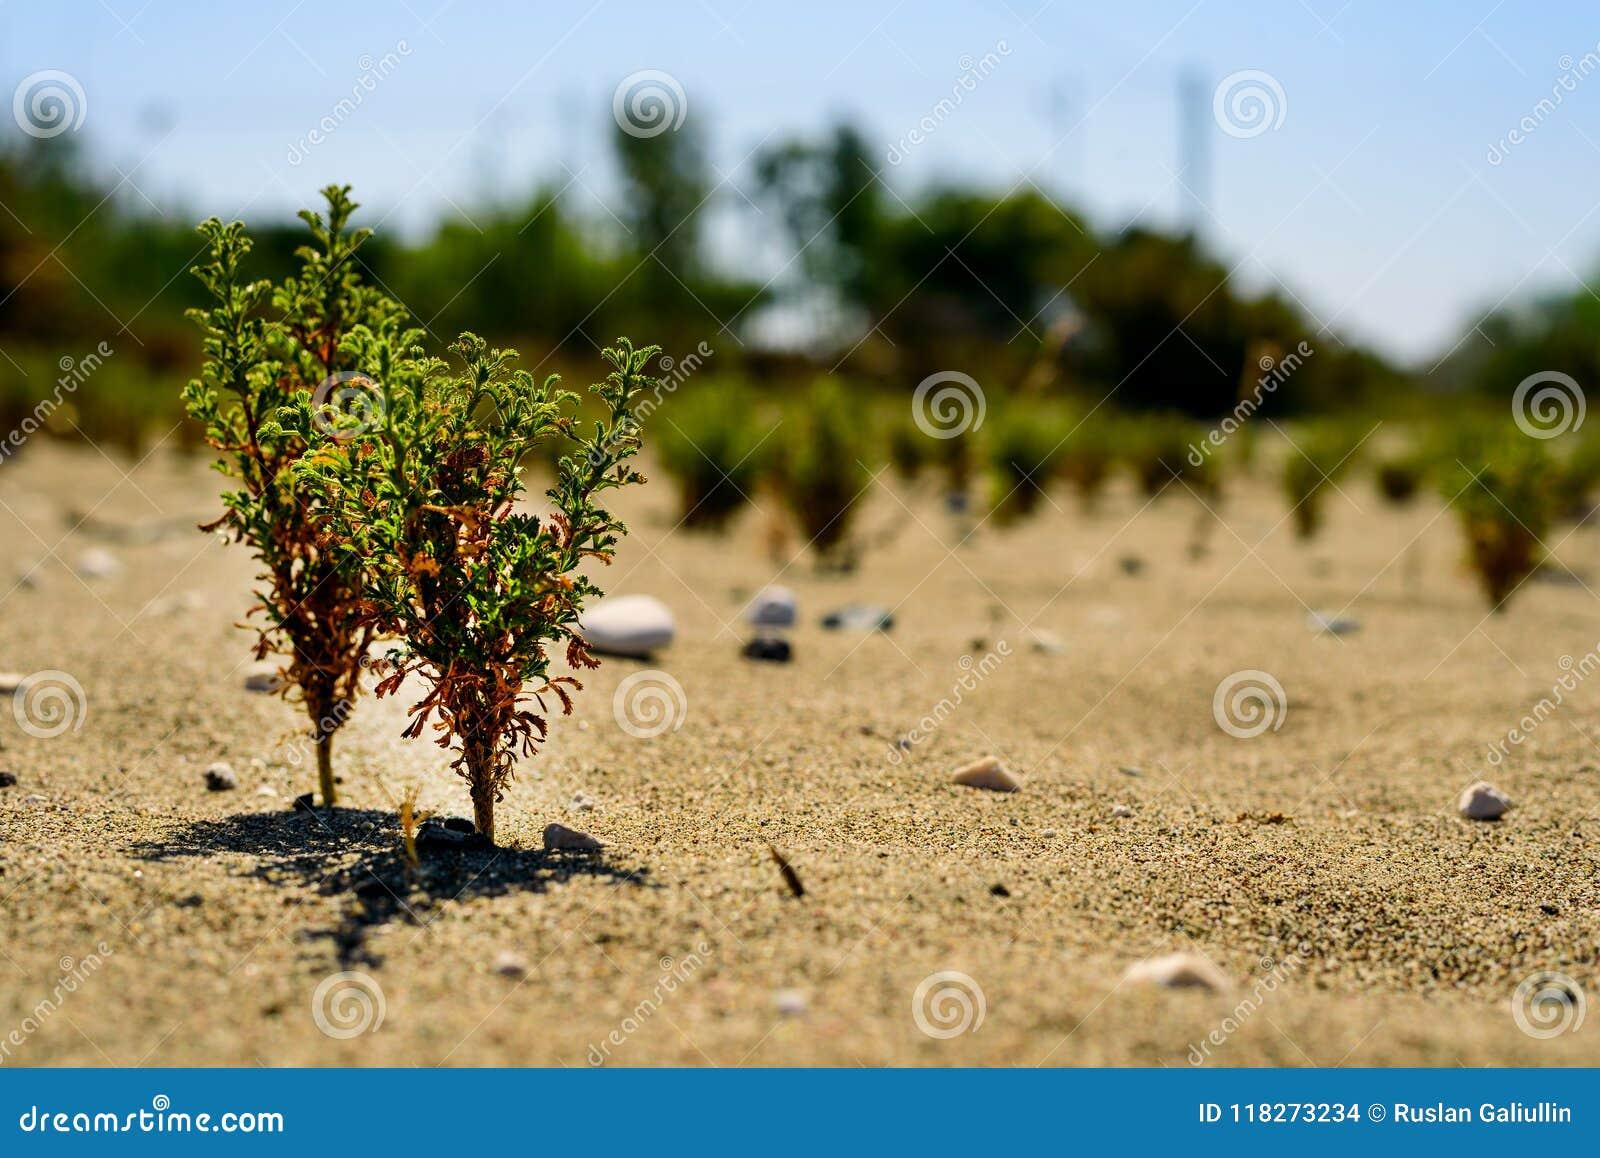 年轻树绿色新芽在烧焦的太阳下的在沙子,耐久性,成长,自我克制力,生态的概念